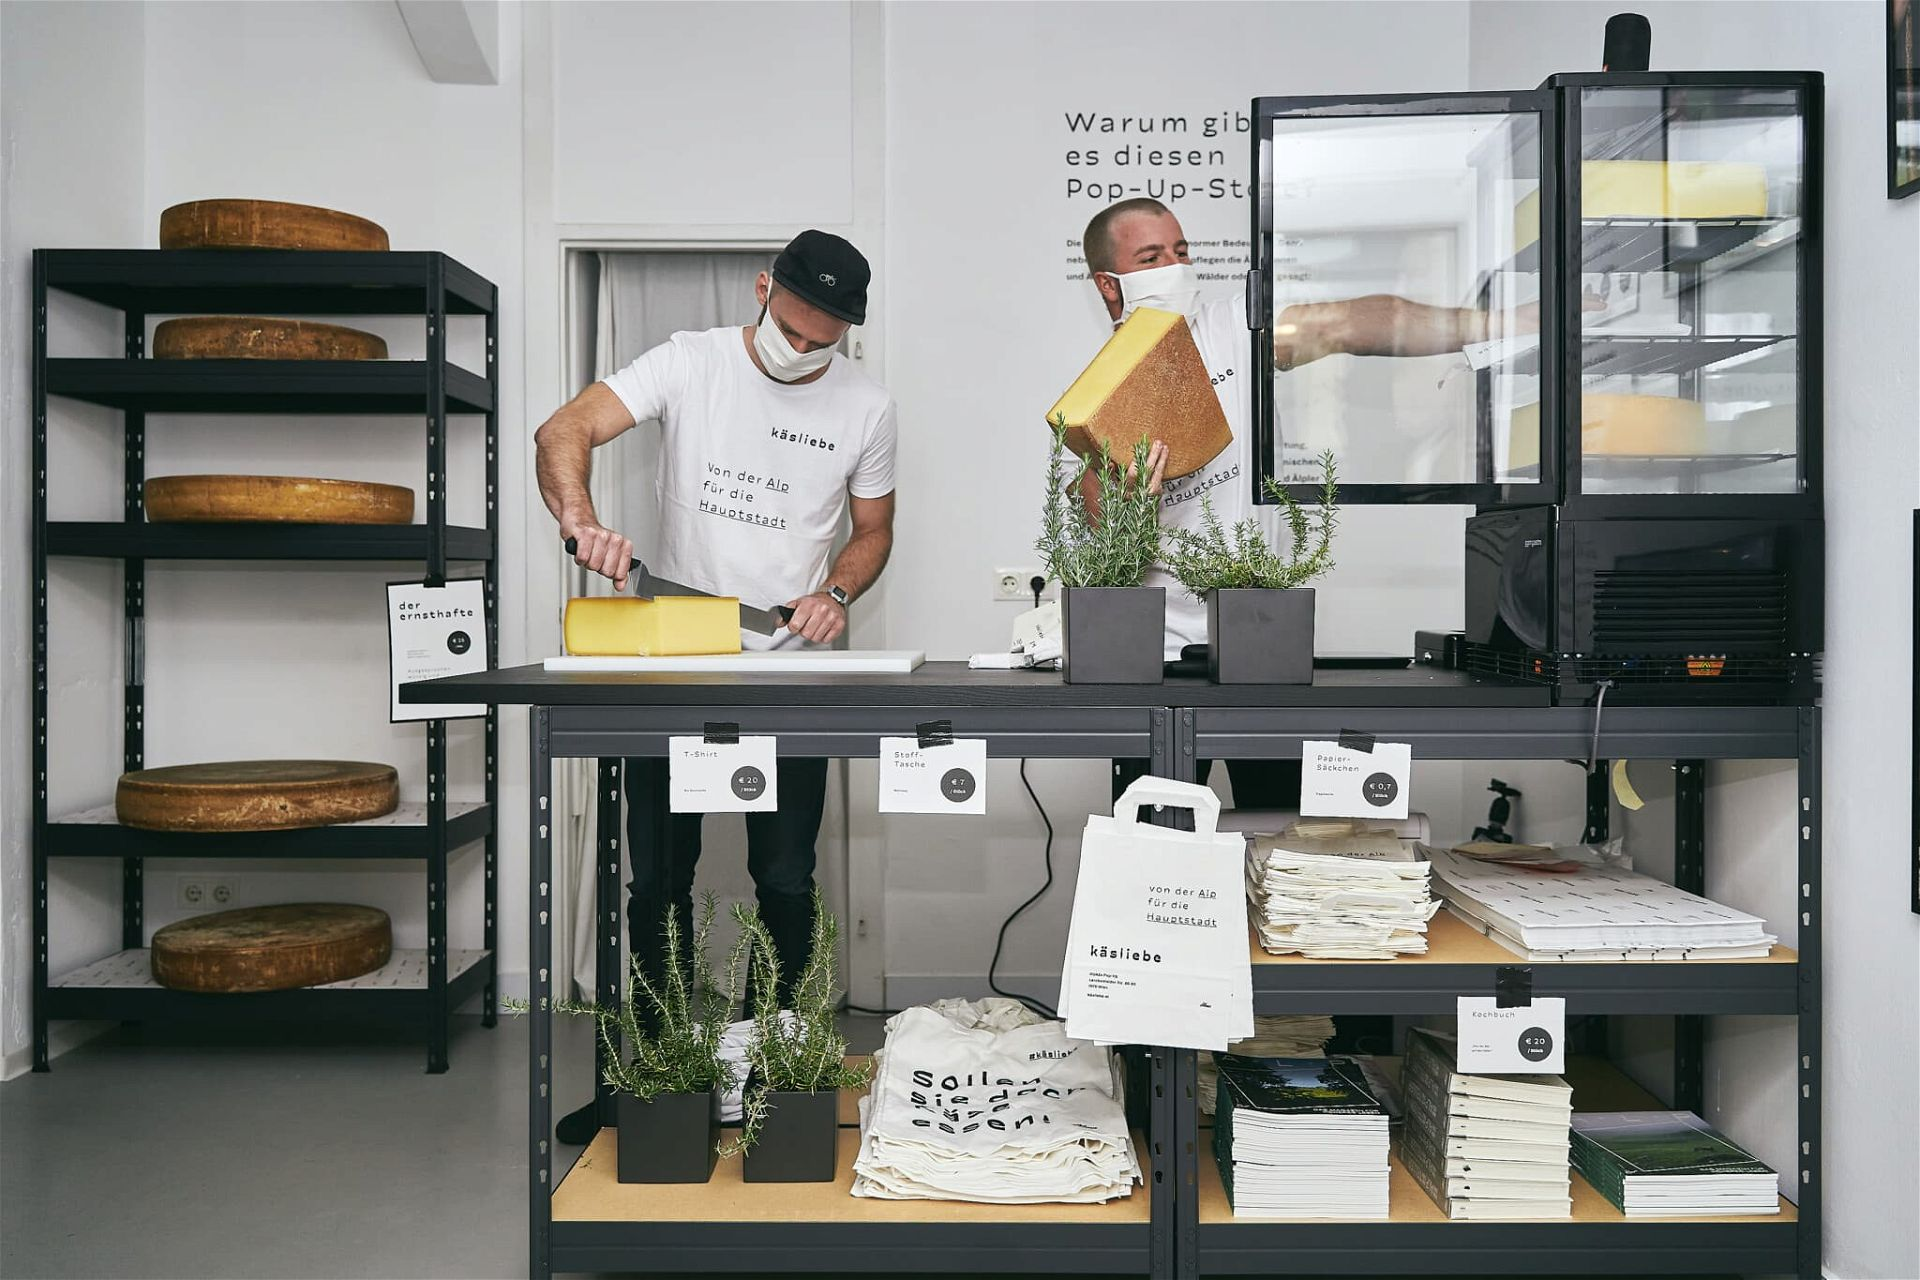 Käsliebe Pop-Up-Store